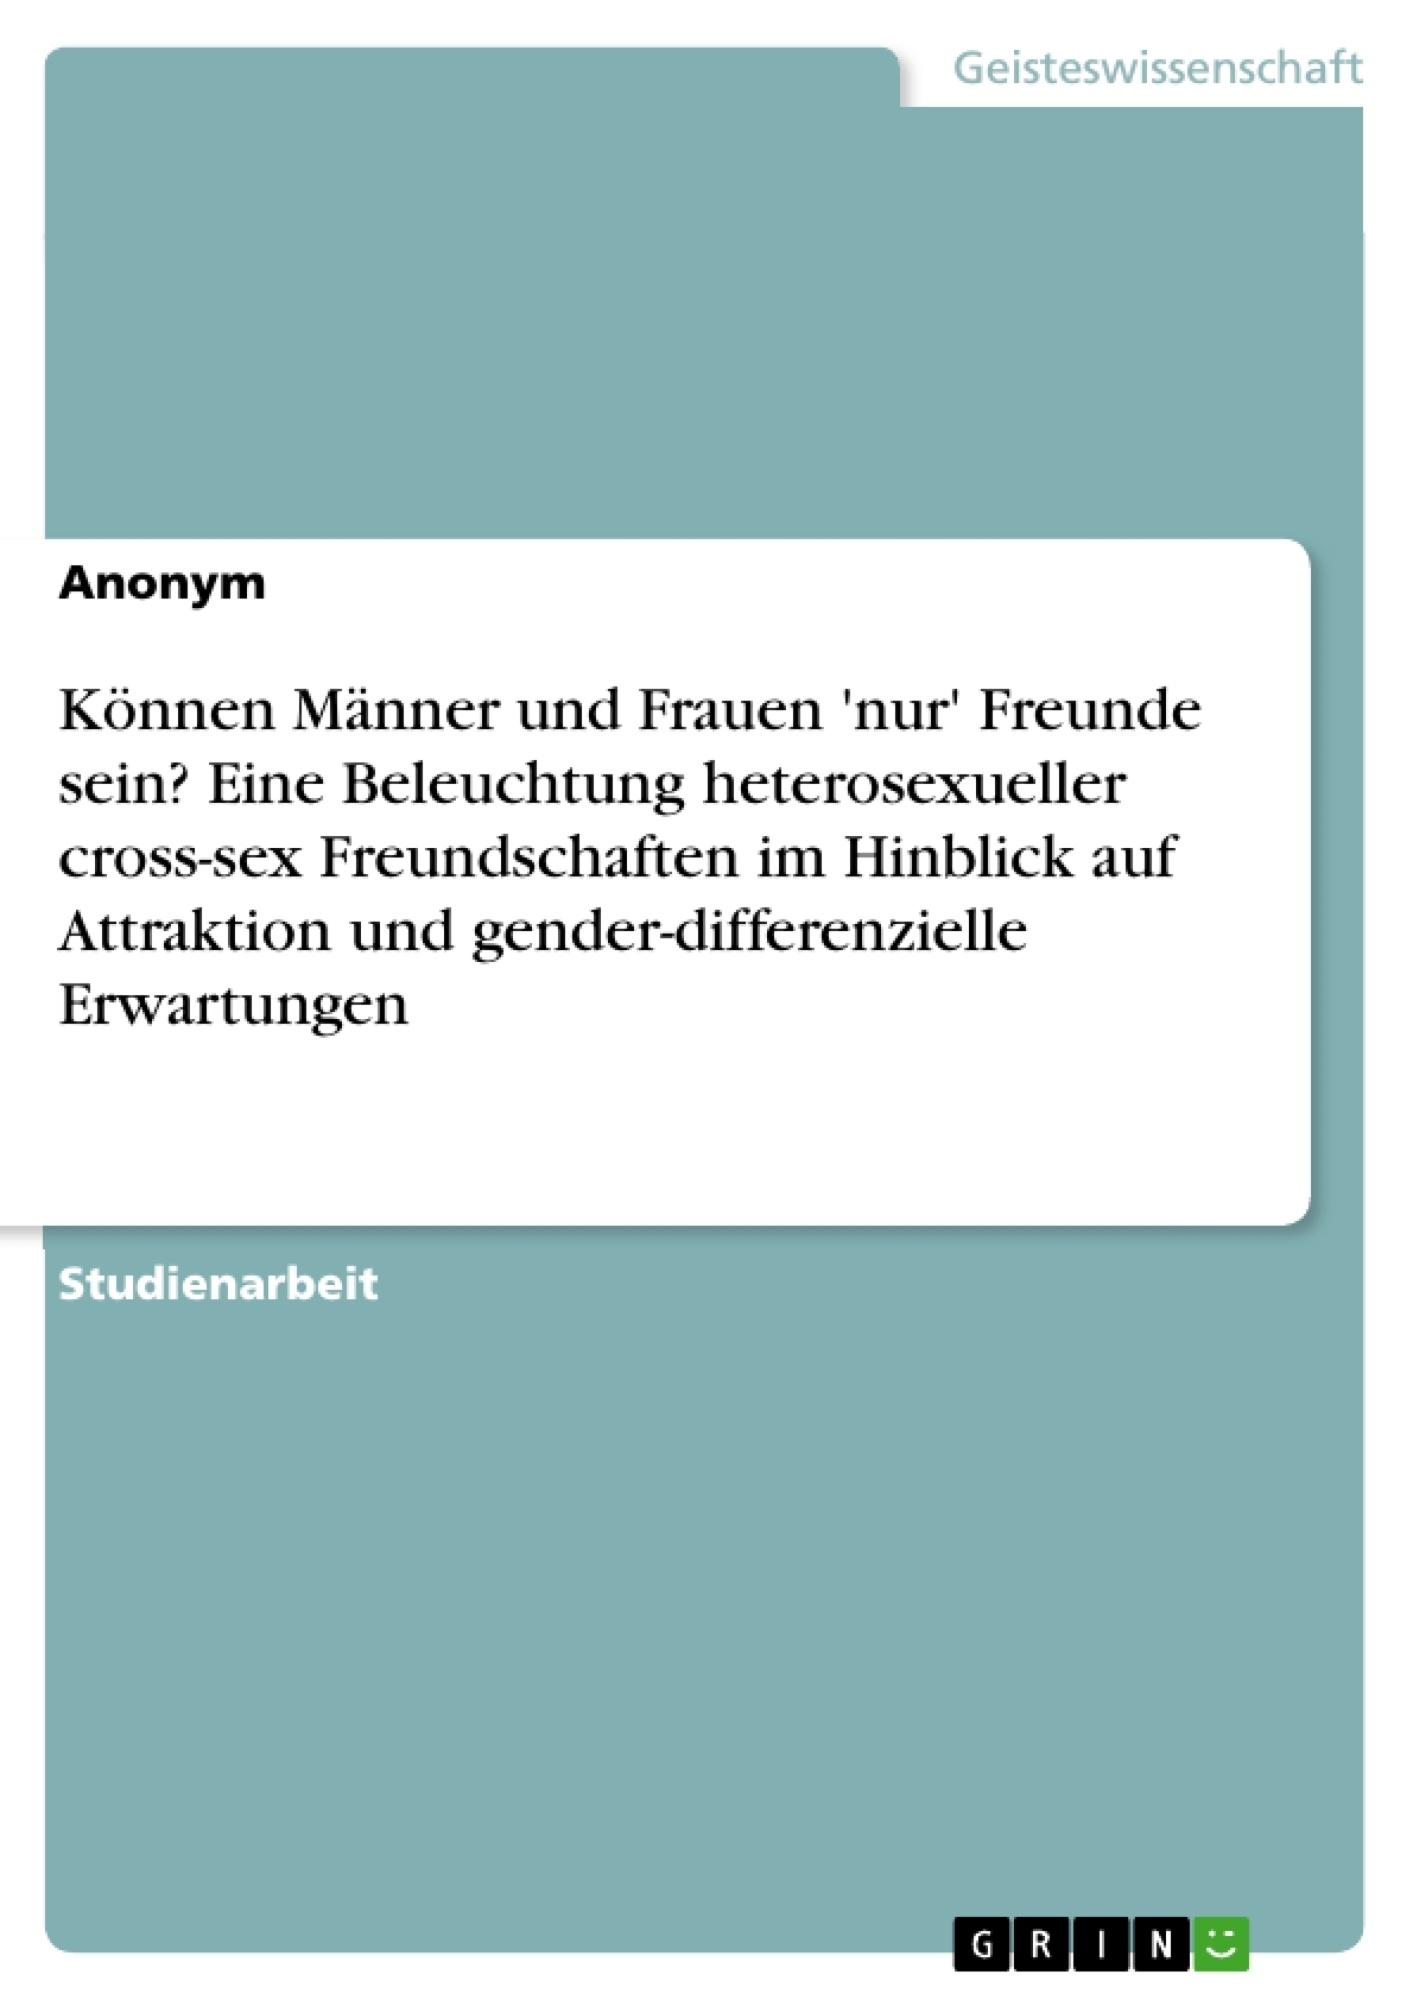 Titel: Können Männer und Frauen 'nur' Freunde sein? Eine Beleuchtung heterosexueller cross-sex Freundschaften im Hinblick auf Attraktion und gender-differenzielle Erwartungen